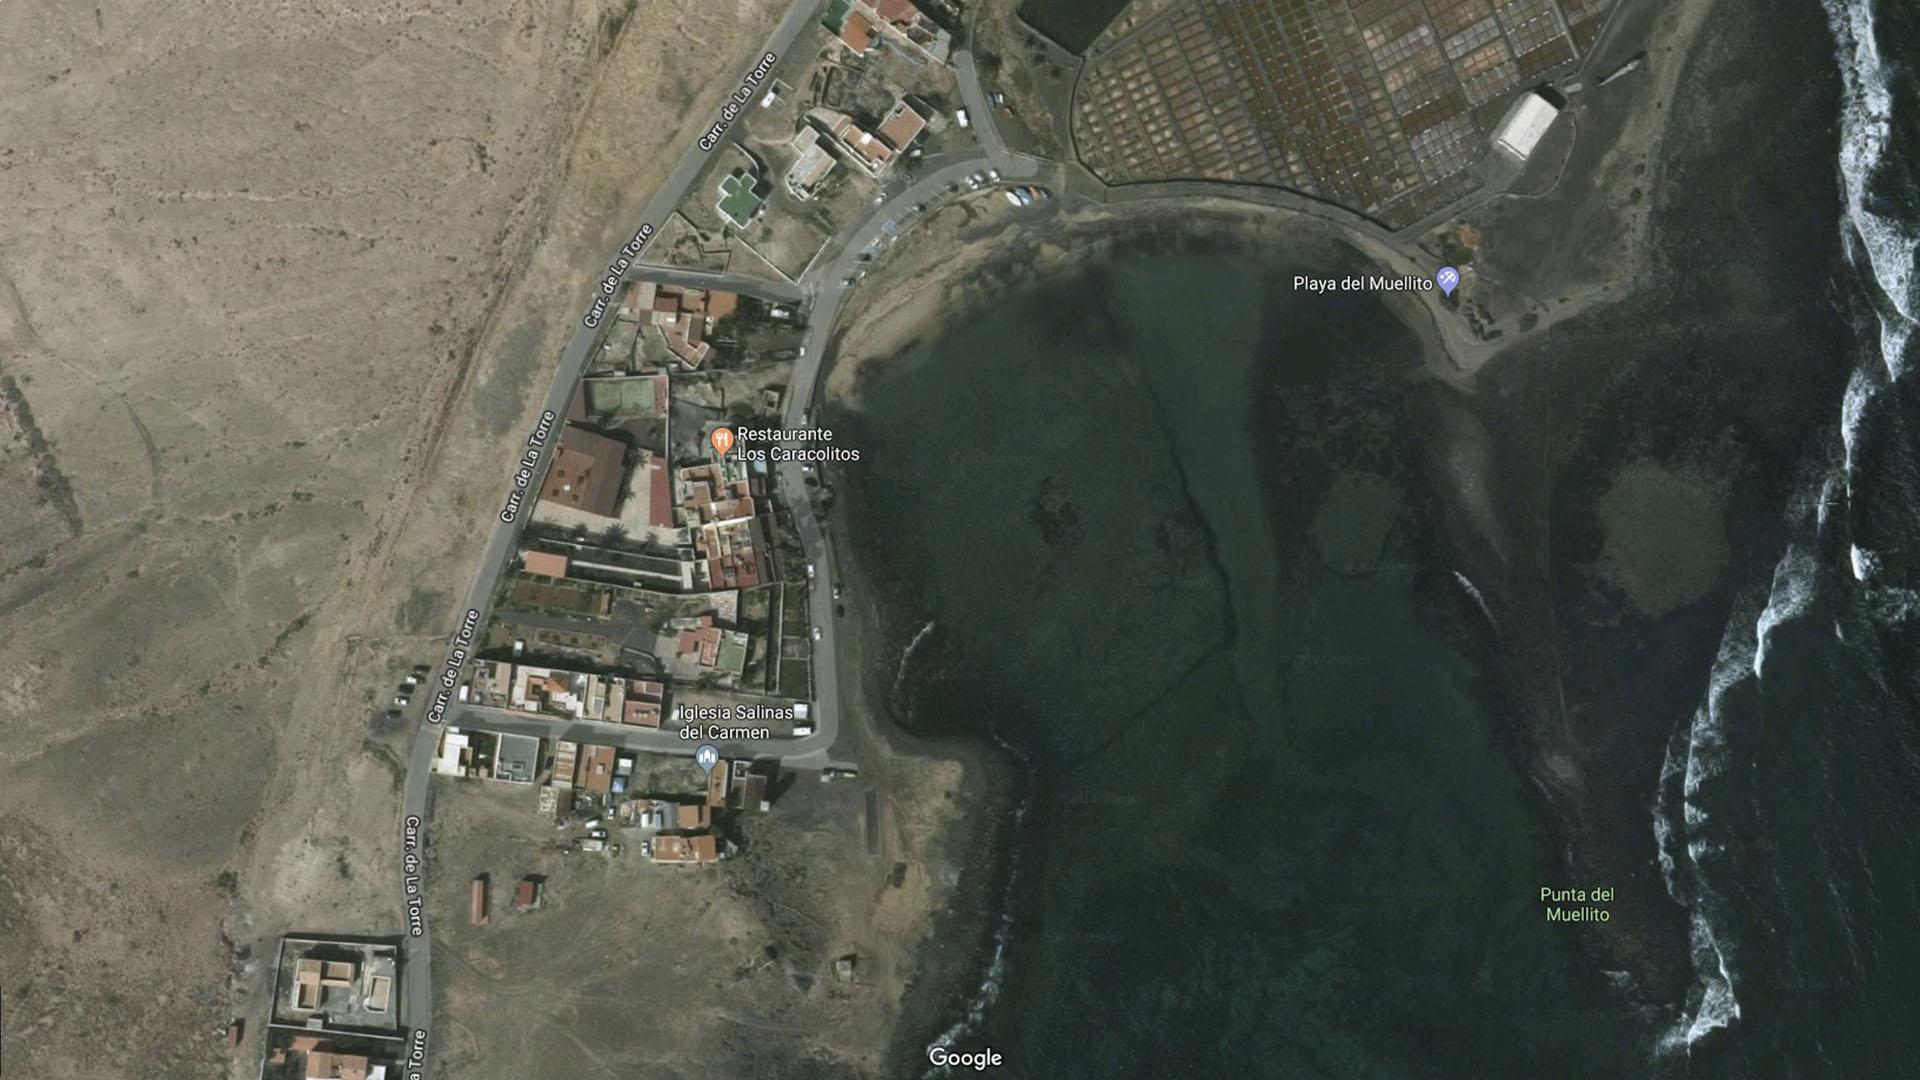 Strände von Fuerteventura: Playa del Muellito Salinas del Carmen.